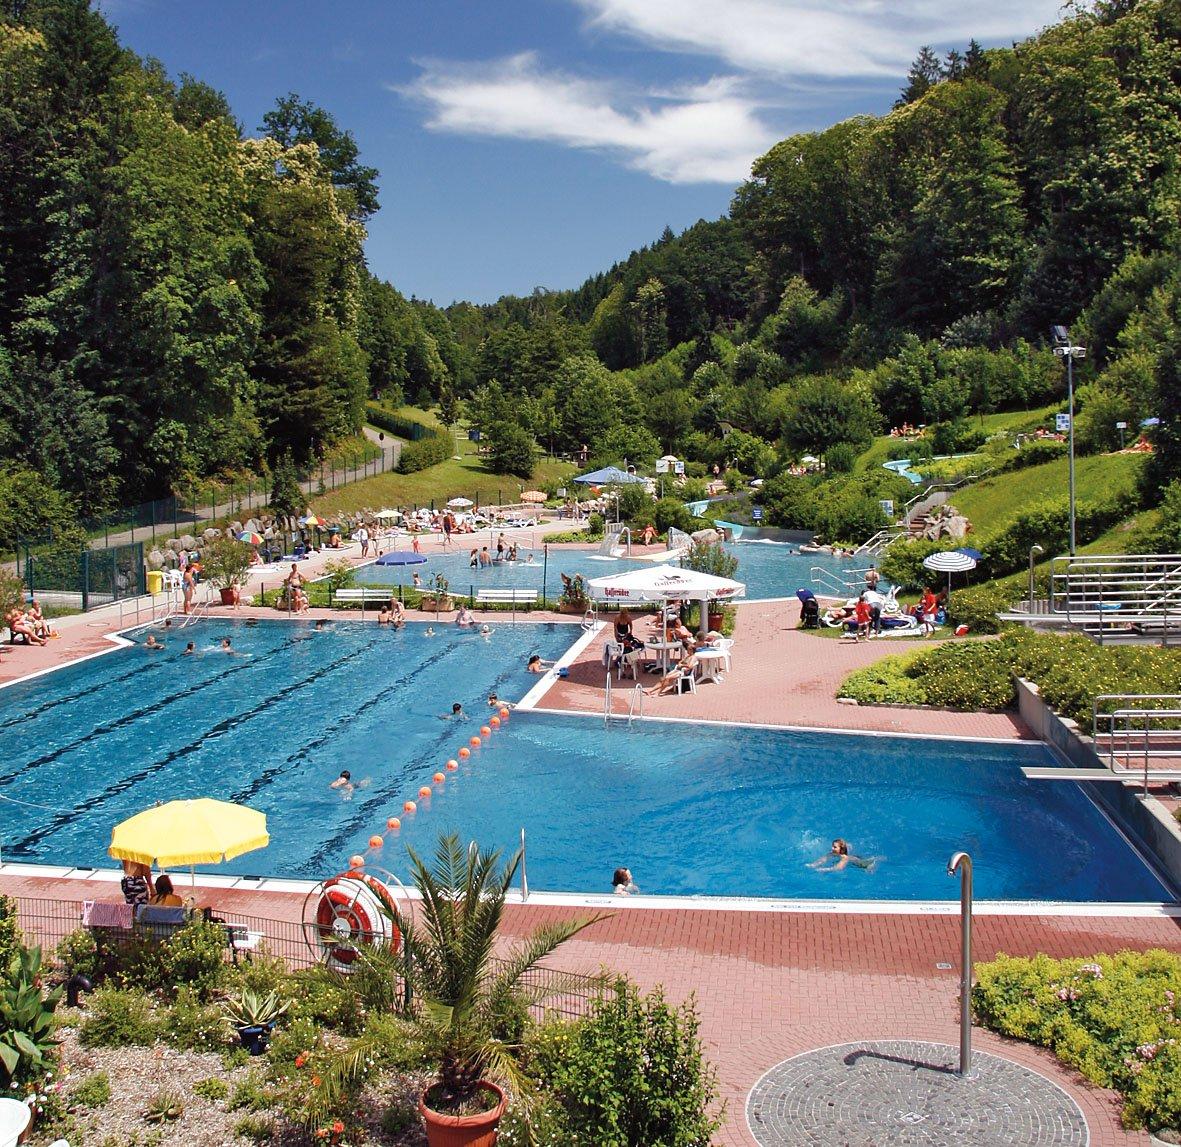 Igelbachbad in Gernsbach